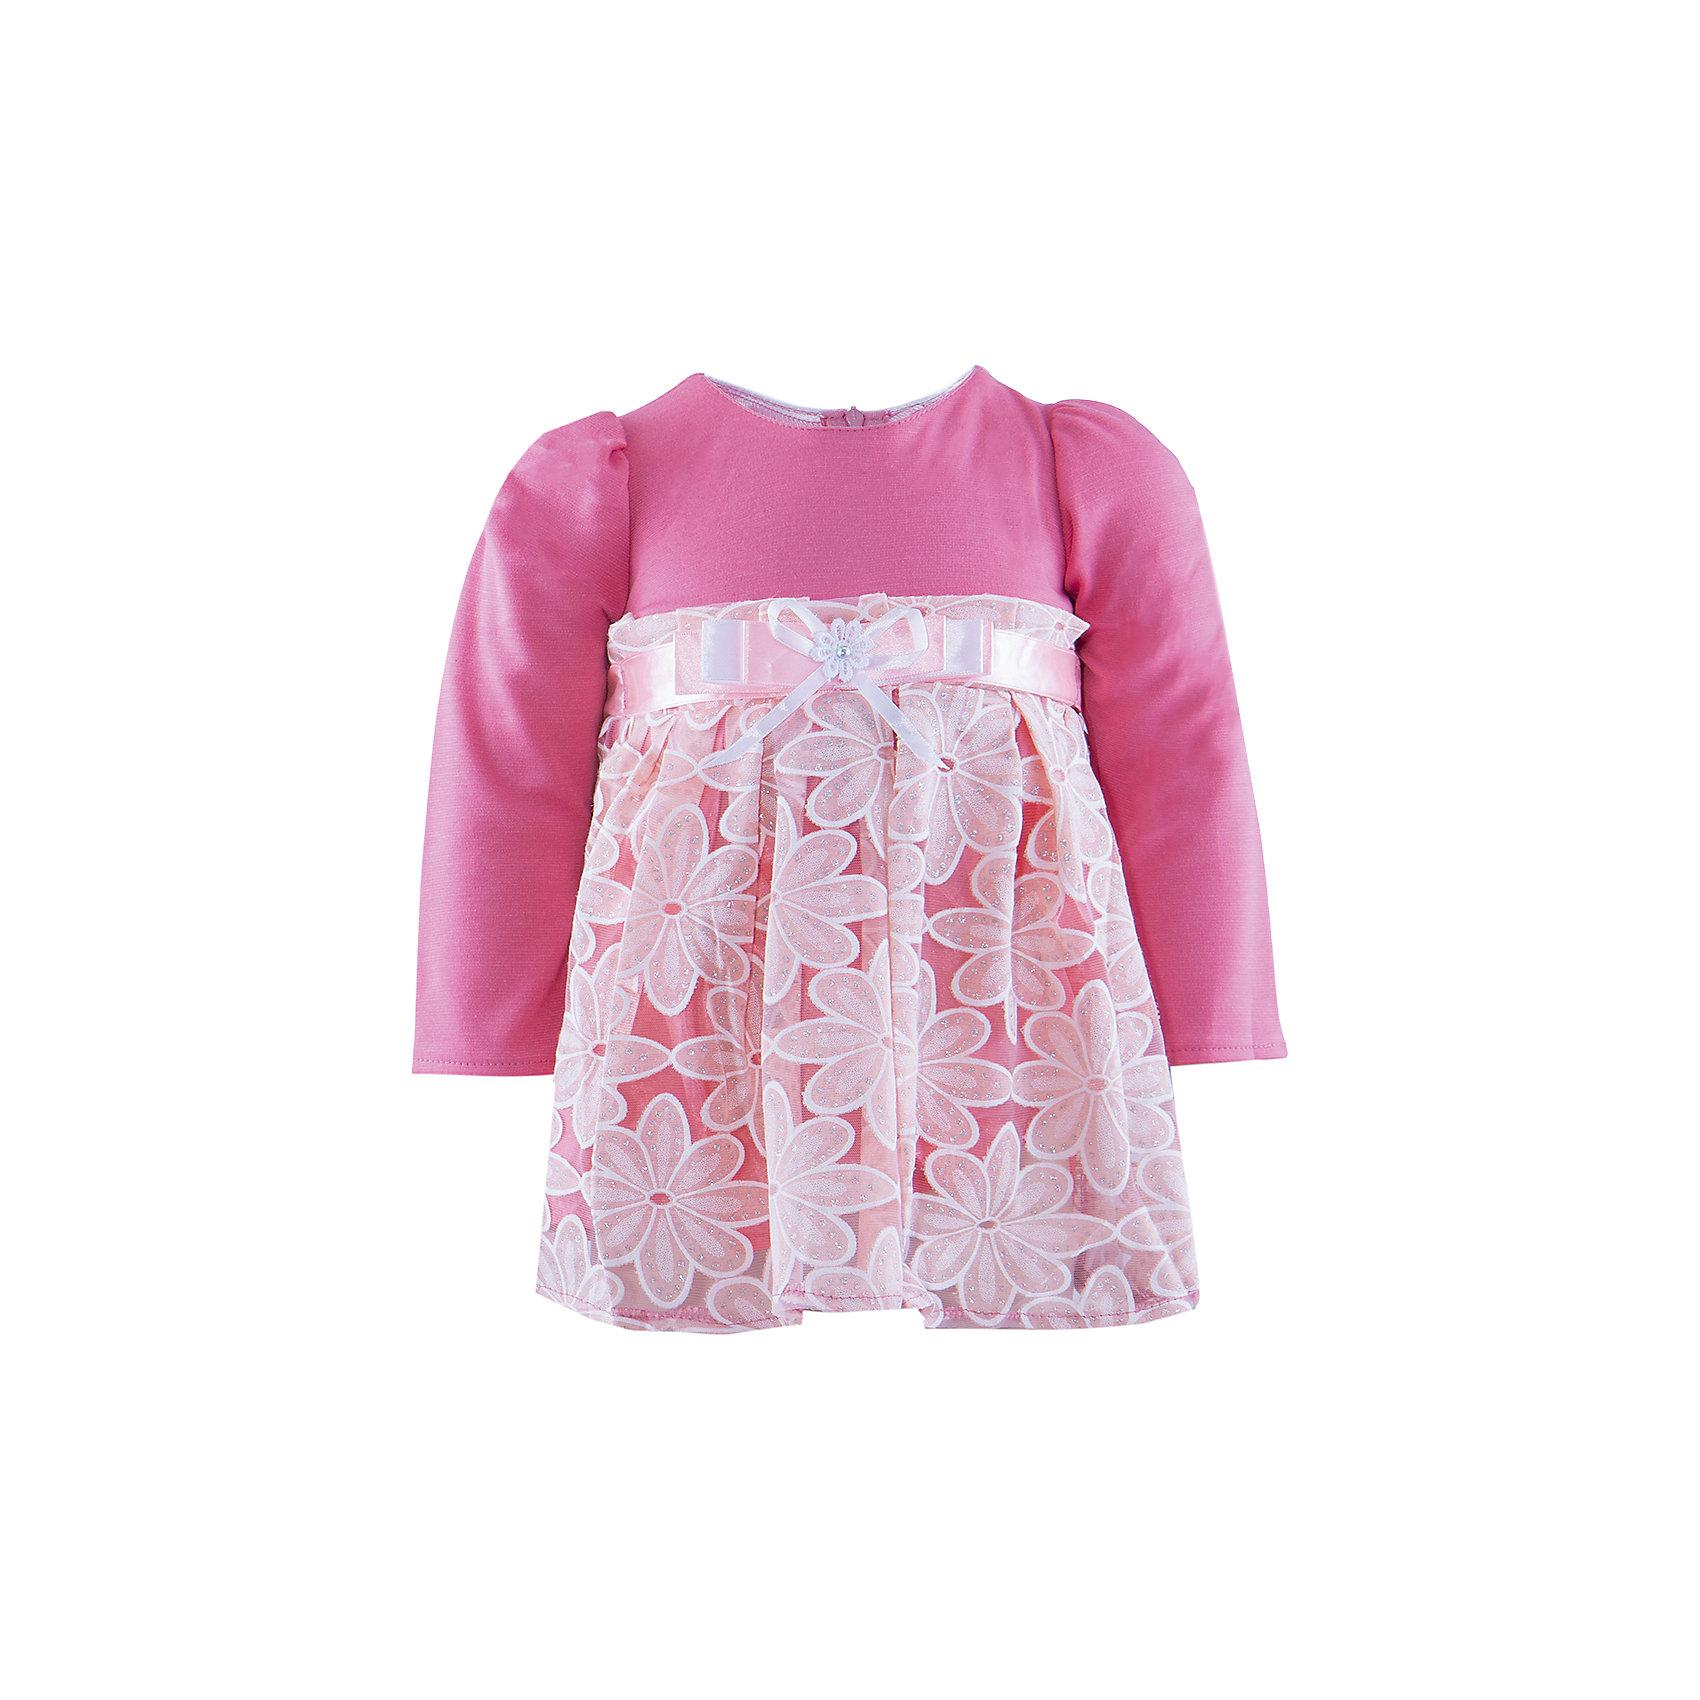 Нарядное платье ВенераОдежда<br>Нарядное платье для девочки от бренда Венера<br><br>Удобное и красивое платье отлично подойдет для праздника или похода в гости. В любой ситуации ребенок   в нем будет выглядеть достойно и оригинально.<br><br>Особенности модели:<br><br>- состав: 100% хлопок<br>- материал - разной фактуры;<br>- цвет - персиковый;<br>- подол - многослойный, пышный;<br>- длинные рукава-фонарики;<br>- низ -  сетка с печатным цветочным принтом, с блестками;<br>- сзади застежка-молния;<br>- пояс - атласная лента завязывается сзади на бант;<br>- пояс украшен бантом со стразой и кружевами.<br><br>Дополнительная информация:<br><br>Габариты:<br><br>длина по спинке - 39 см.<br><br>* соответствует размеру 92/98<br><br>Нарядное платье для девочки от бренда Венера можно купить в нашем магазине.<br><br>Ширина мм: 236<br>Глубина мм: 16<br>Высота мм: 184<br>Вес г: 177<br>Цвет: бежевый<br>Возраст от месяцев: 24<br>Возраст до месяцев: 36<br>Пол: Женский<br>Возраст: Детский<br>Размер: 92/98,110/116,104/110,98/104<br>SKU: 4322114